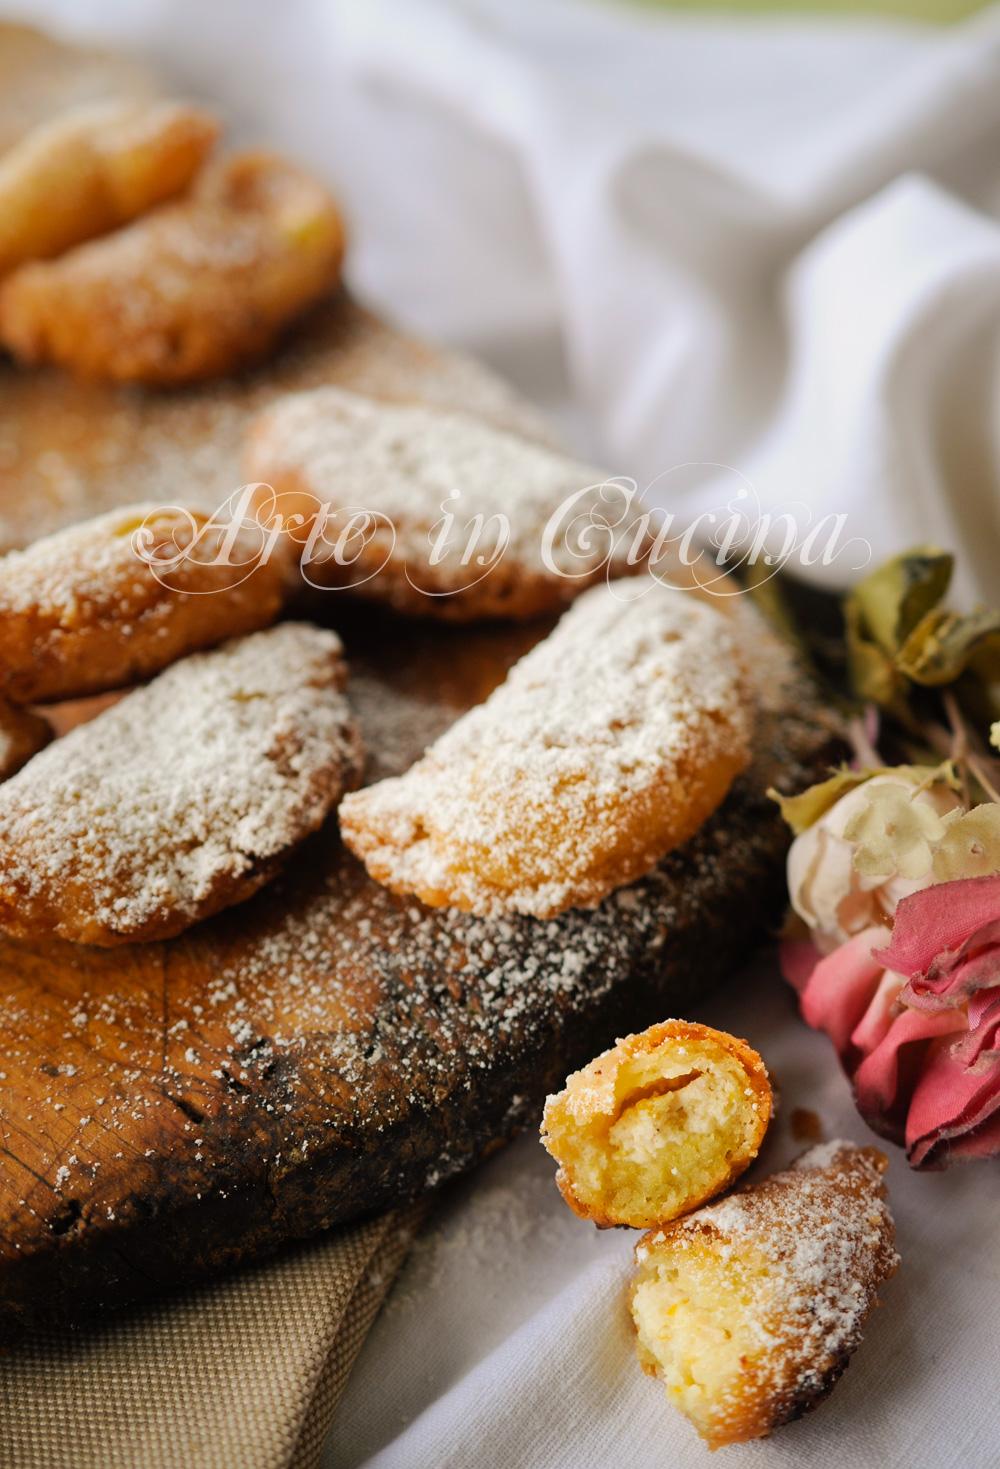 Calzoncini dolci napoletani alla ricotta veloci vickyart arte in cucina